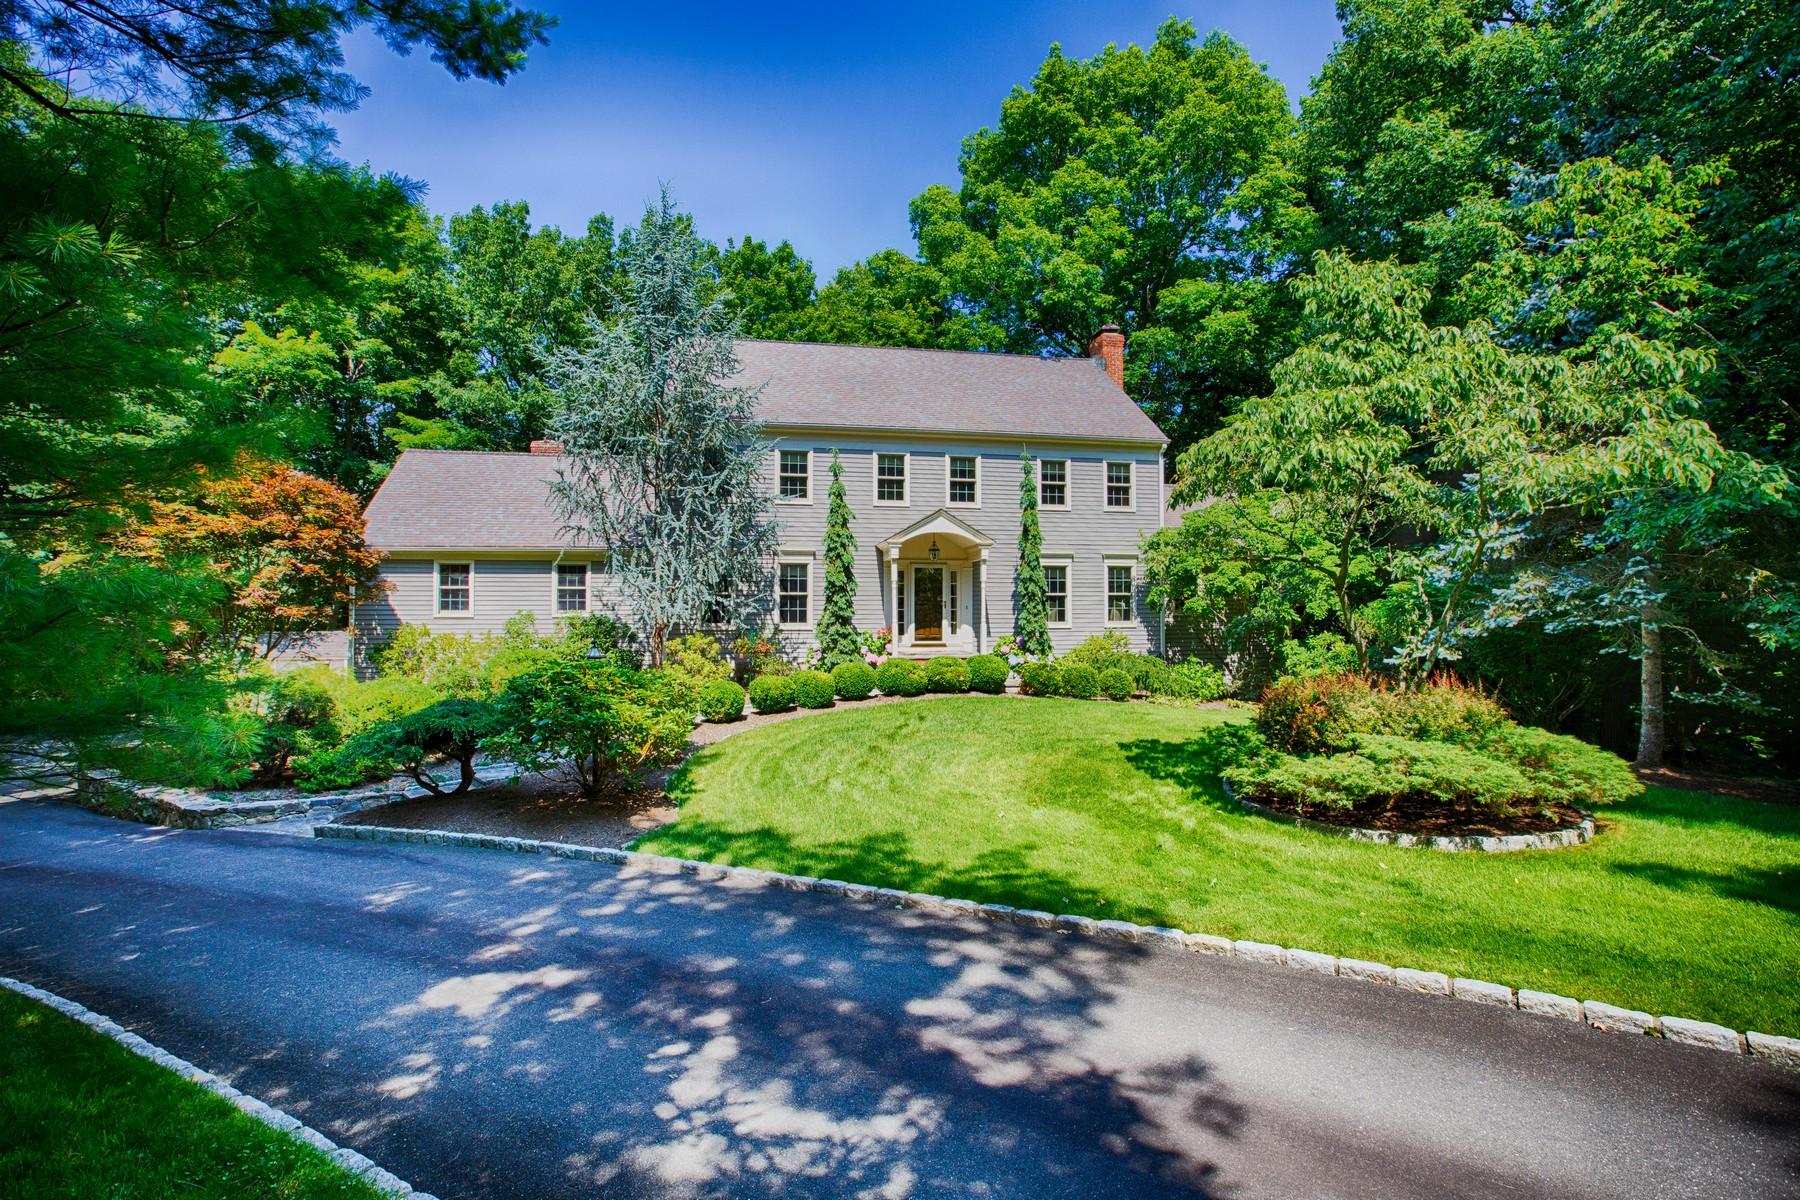 Частный односемейный дом для того Продажа на Westmoreland Estates Colonial 26 Armand Place Ridgefield, Коннектикут 06877 Соединенные Штаты